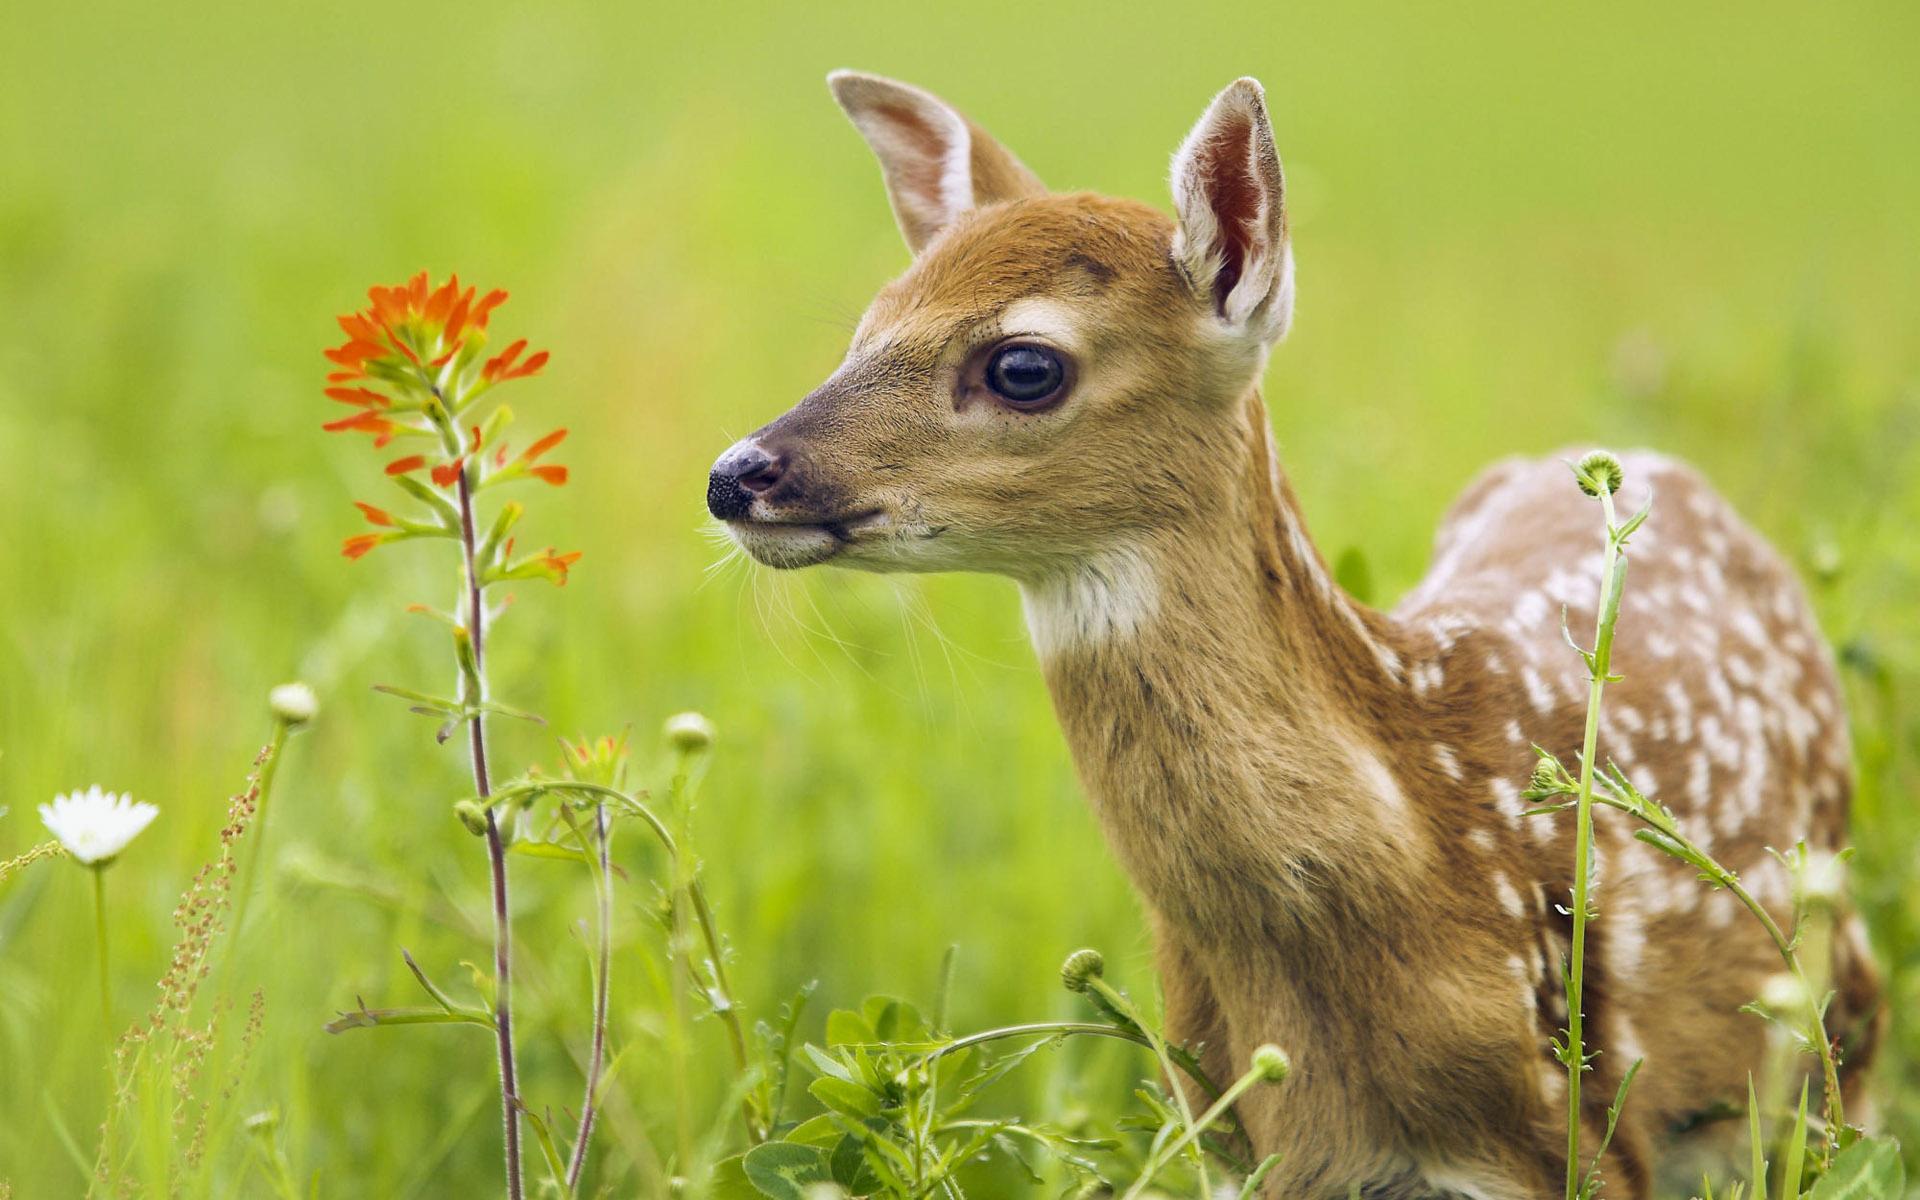 baby deer wallpaper 11jpg 1920x1200